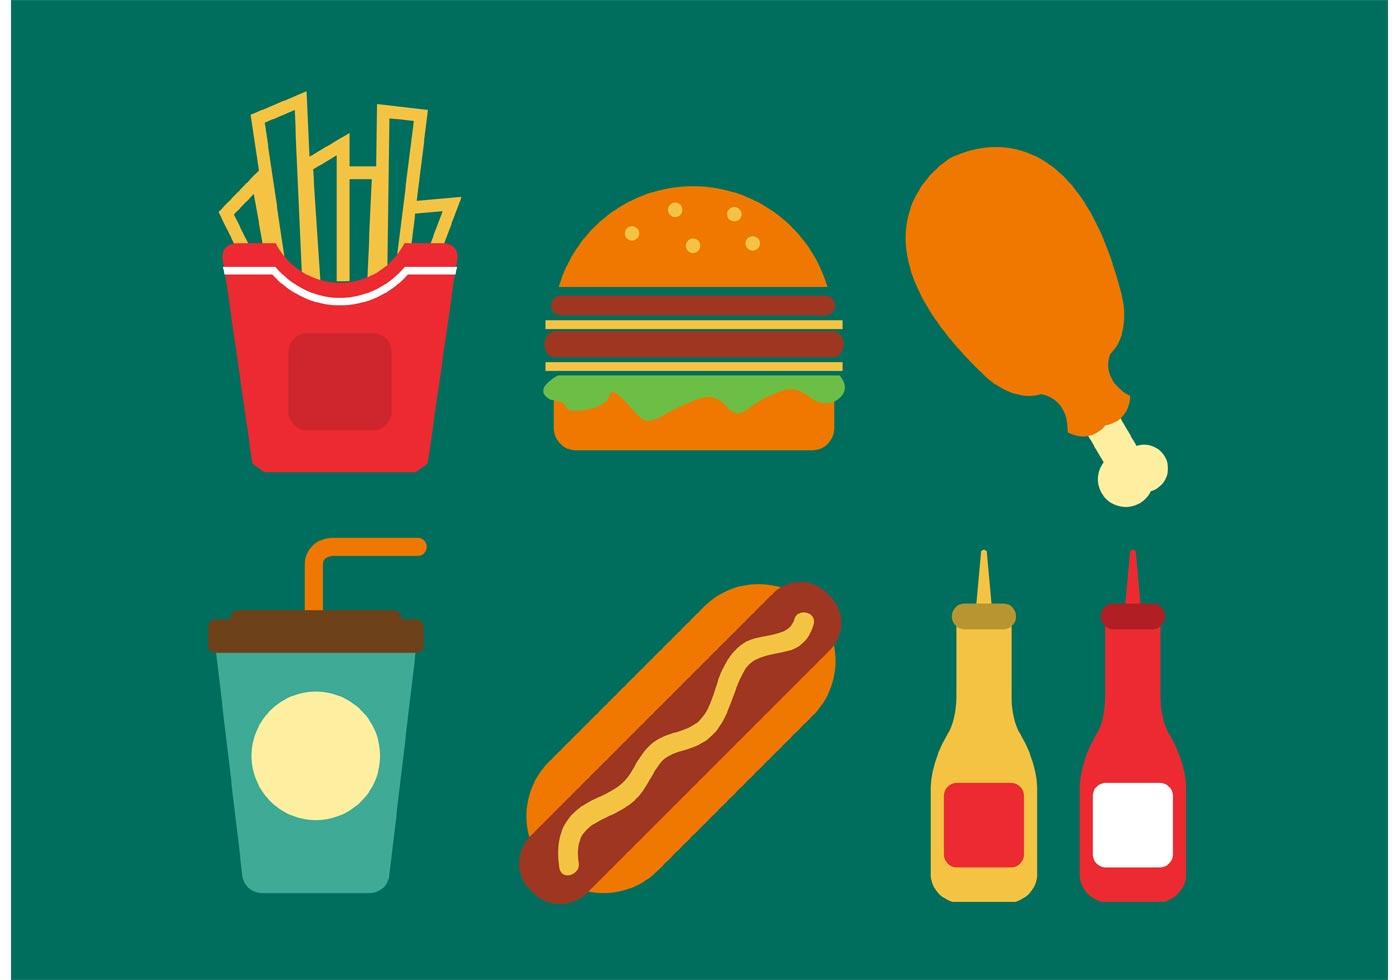 Fast Food Vectors - Download Free Vectors, Clipart ...